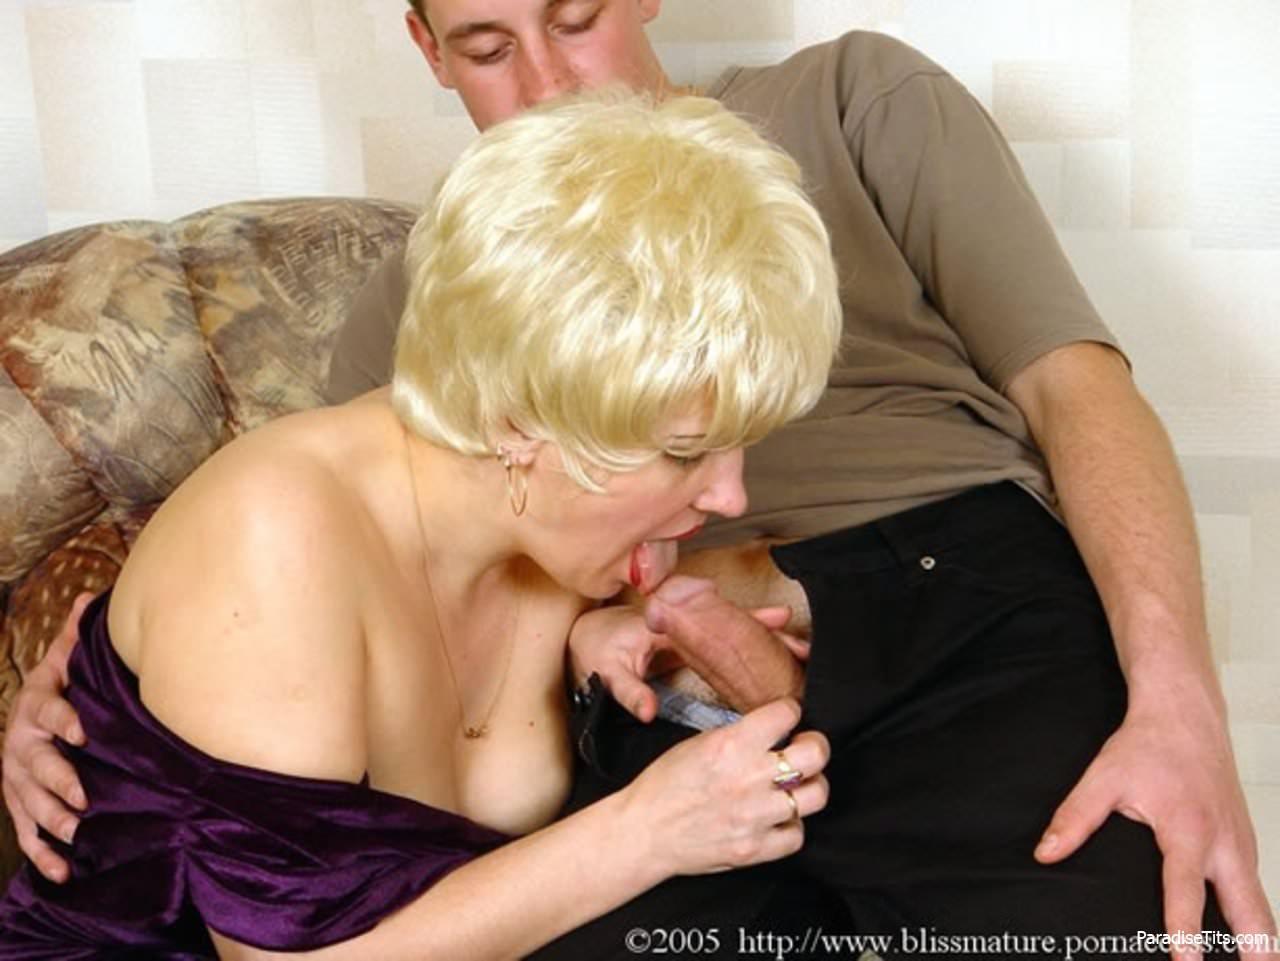 Фото зрелая пристает, Порно фото зрелые тёти в трахе с племянником 9 фотография